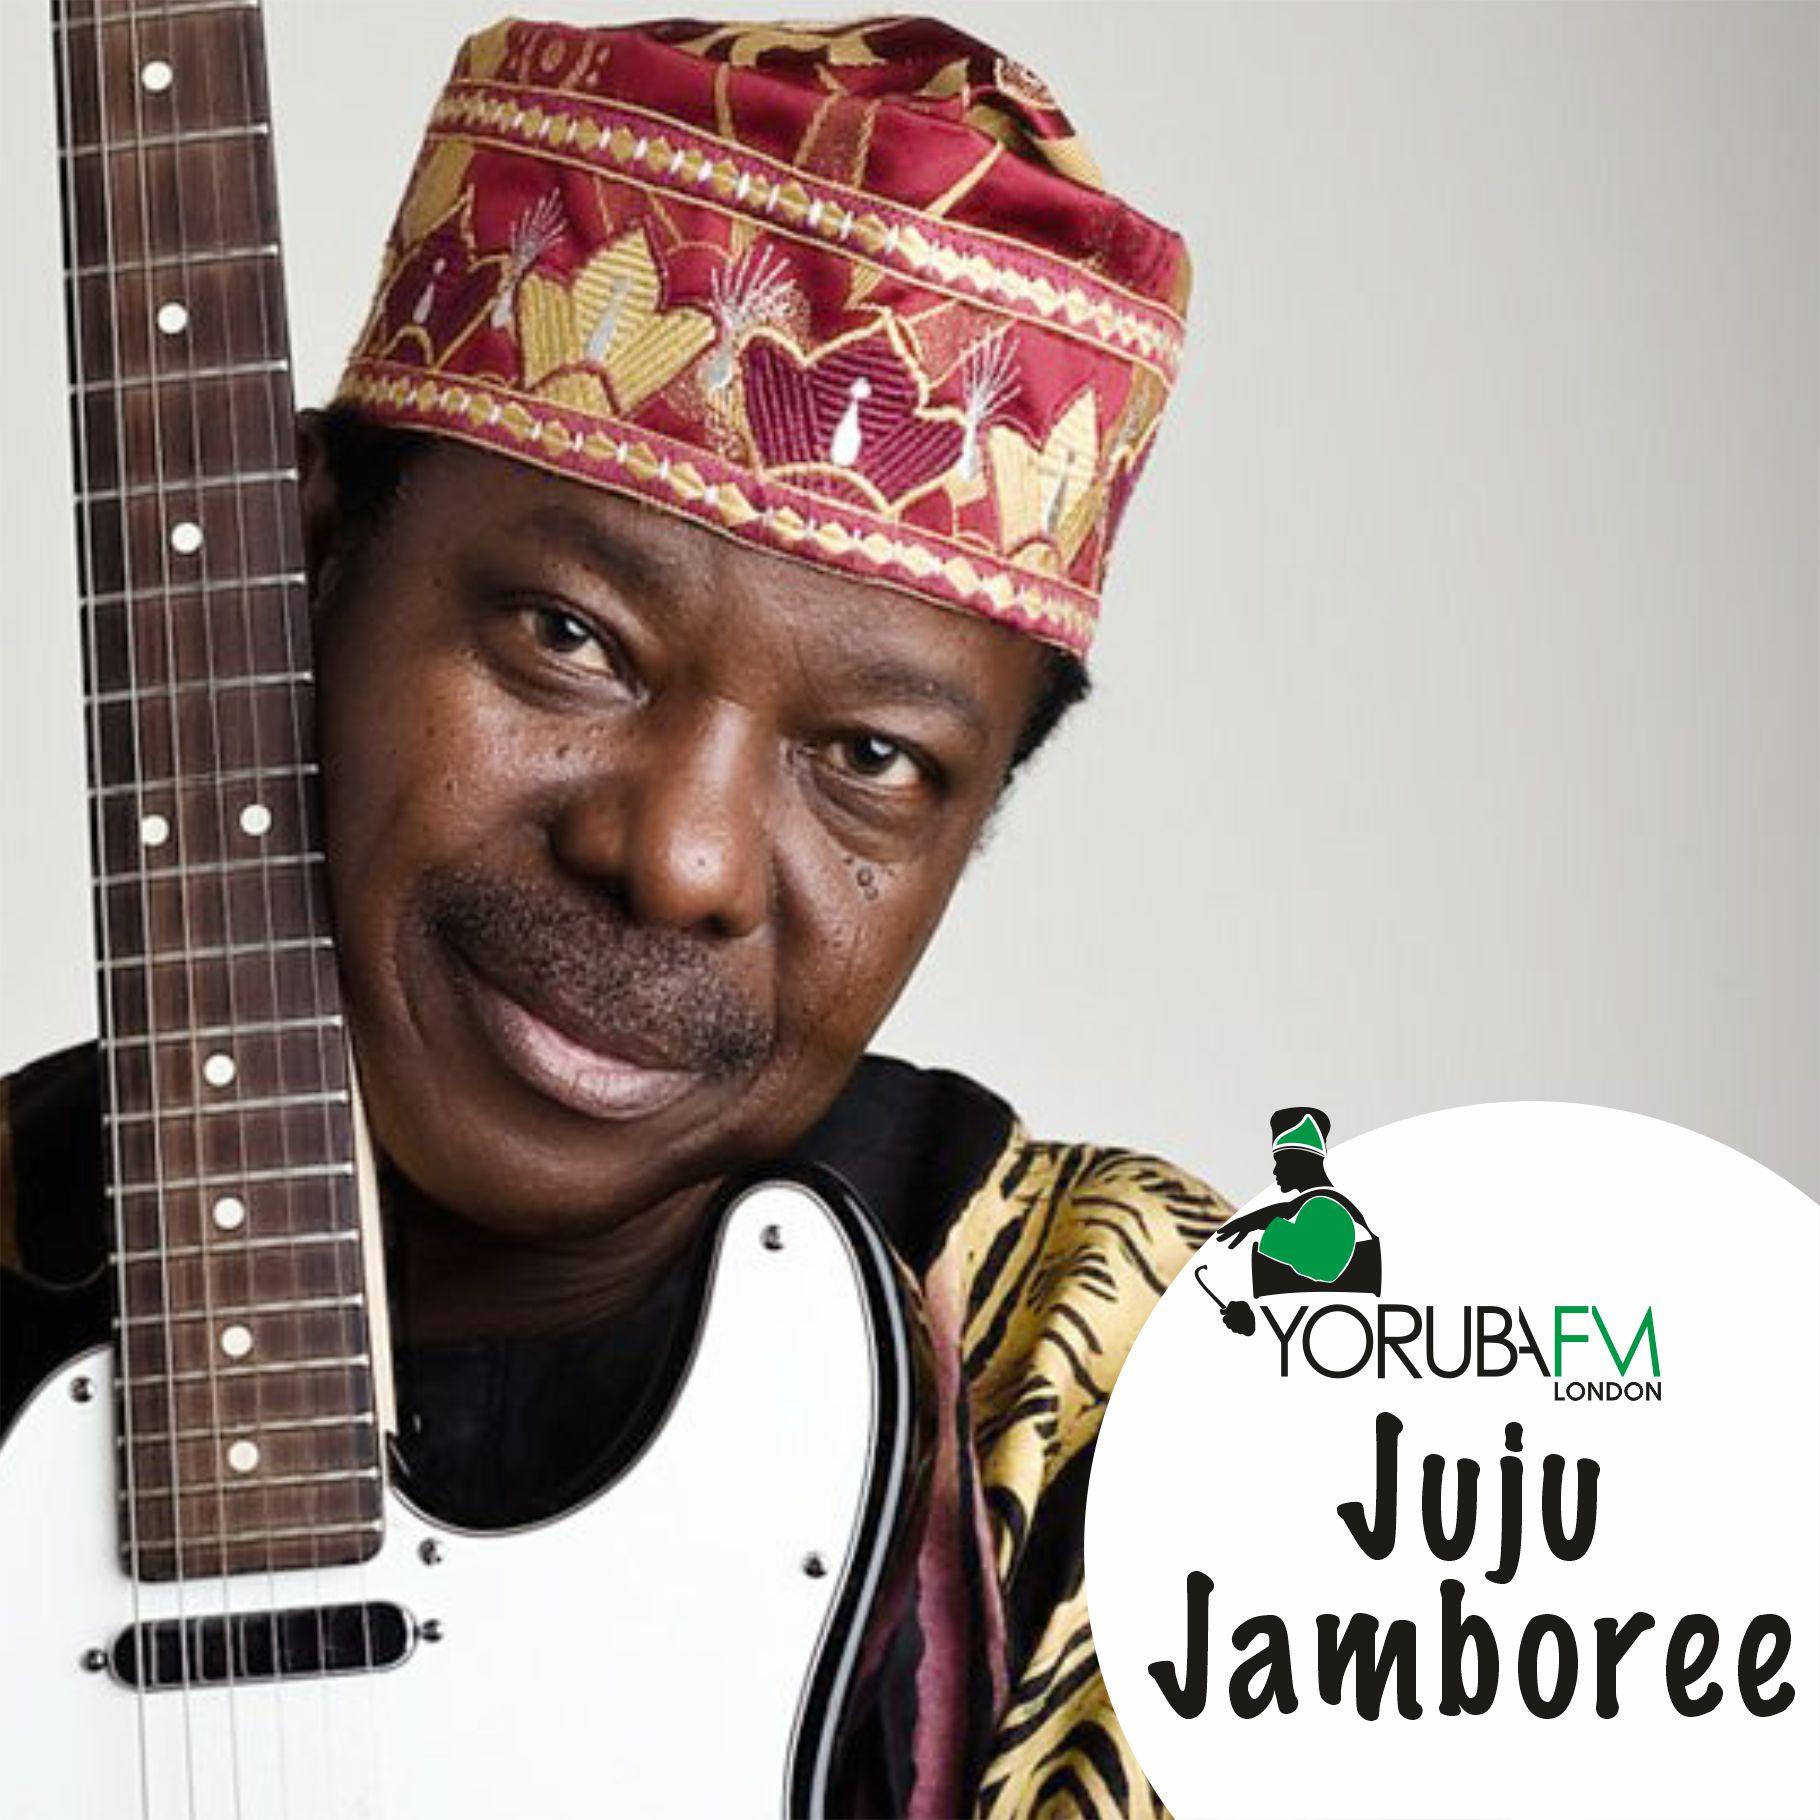 Yoruba-FM-JUJU JAMBOREE.